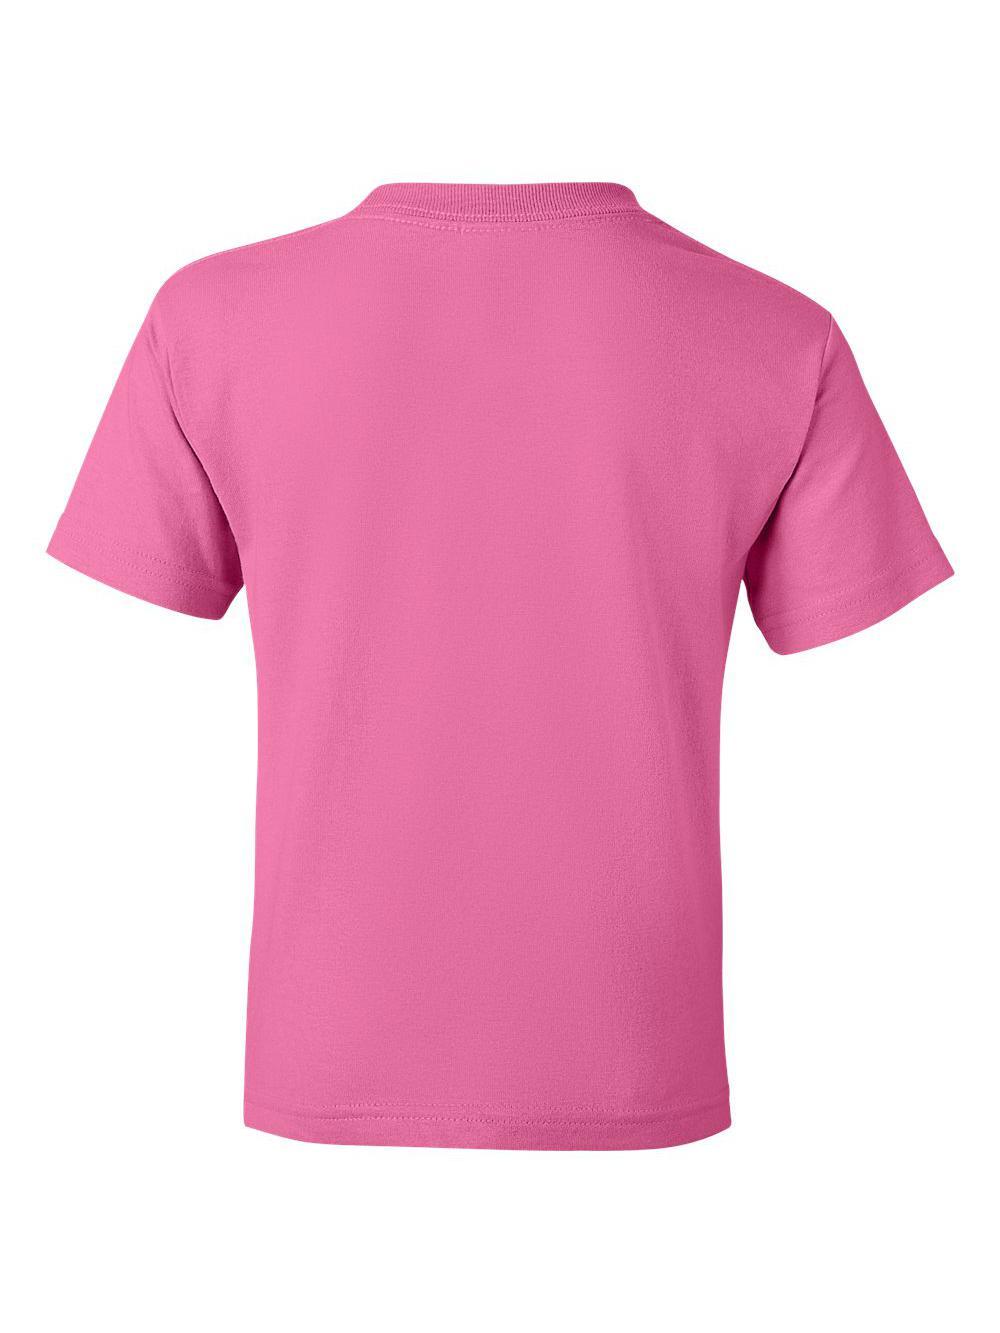 Gildan-DryBlend-Youth-50-50-T-Shirt-8000B thumbnail 7